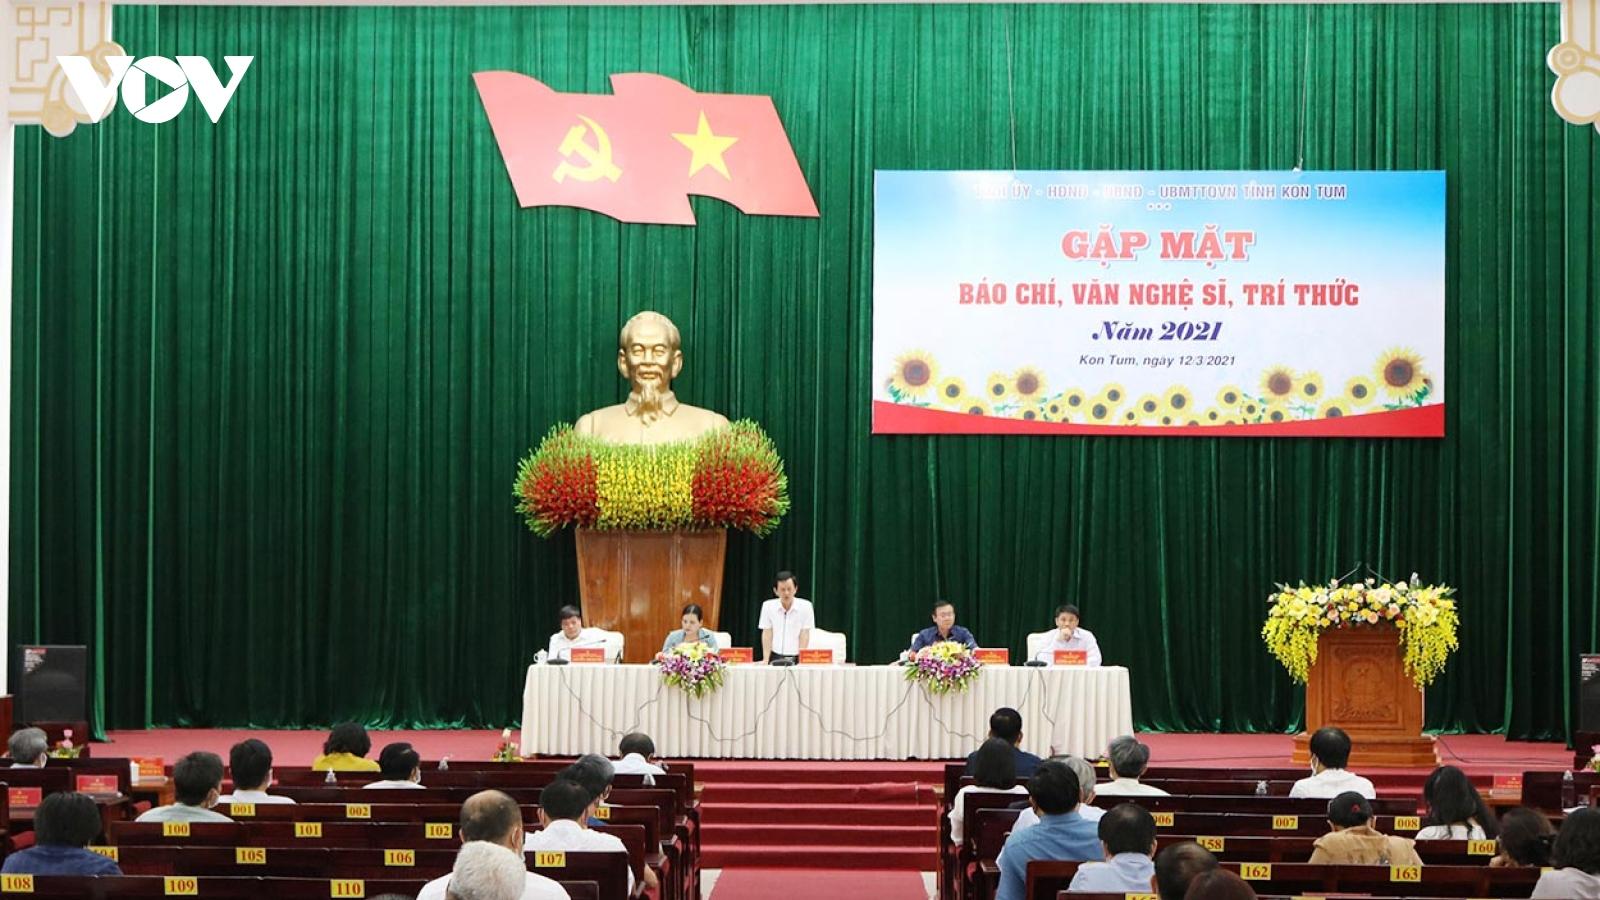 Sau gần 10 năm Kon Tum lại tổ chức gặp mặt báo chí, văn nghệ sĩ, trí thức đầu năm